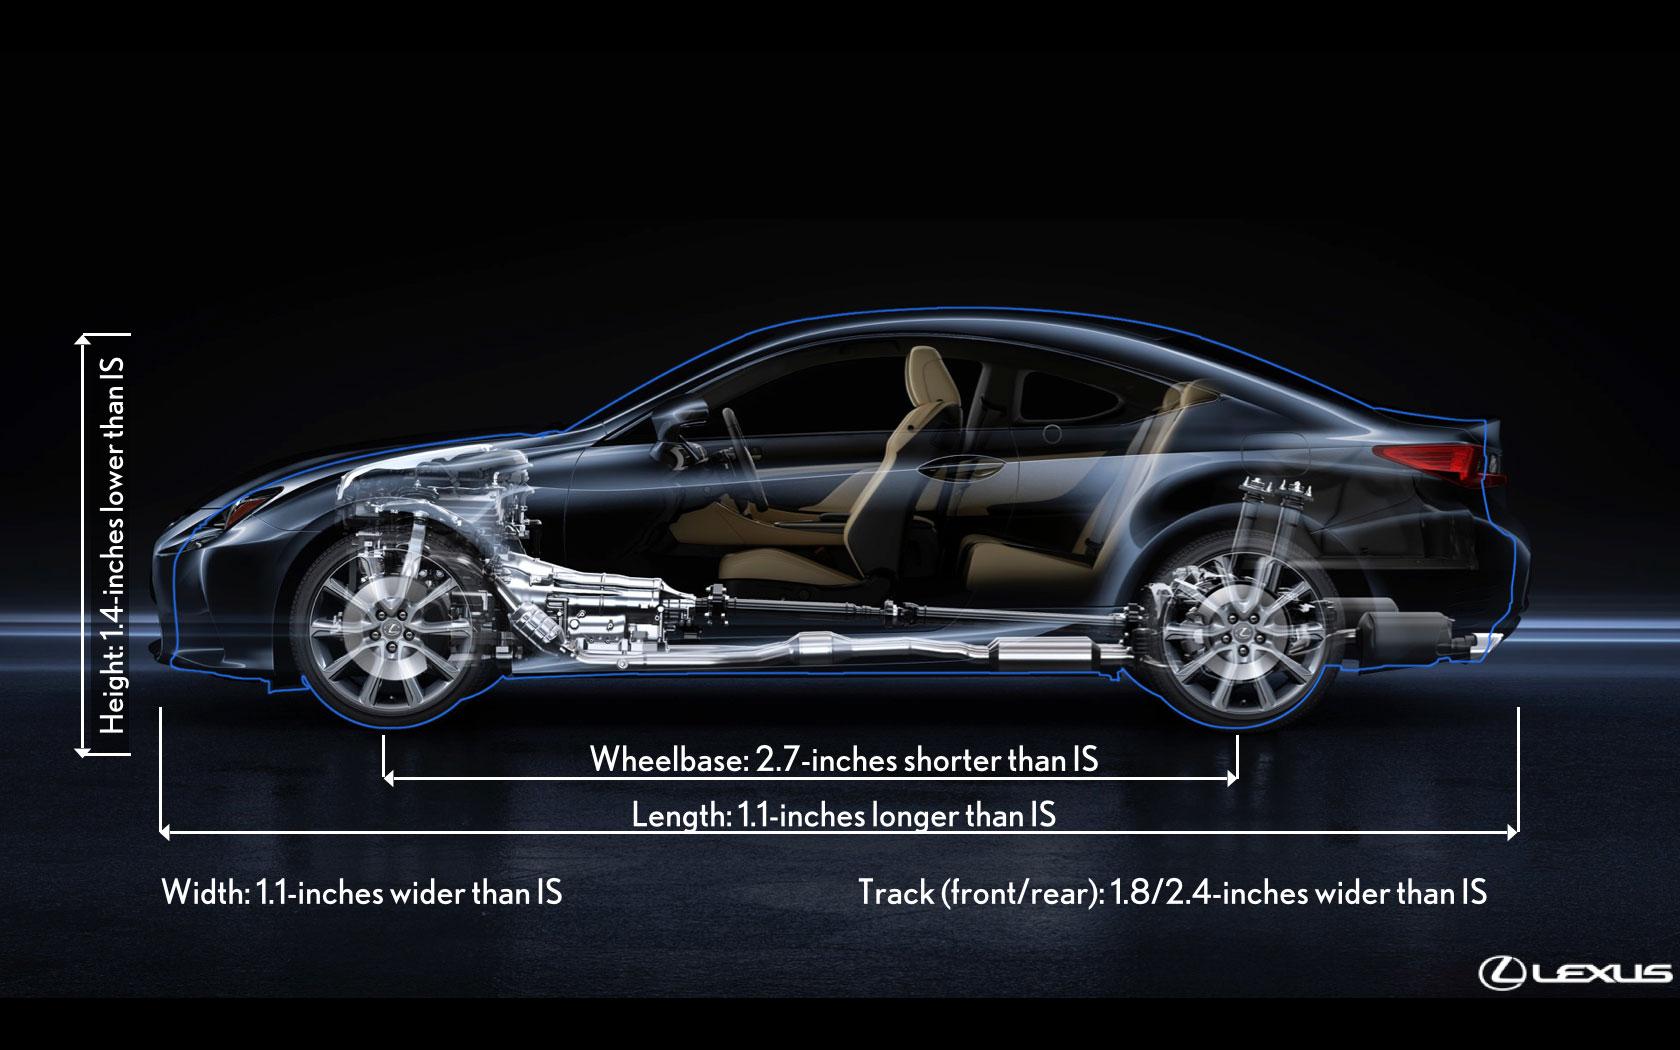 2015 Lexus RC 350 & RC 350 F SPORT Preview | Lexus Enthusiast